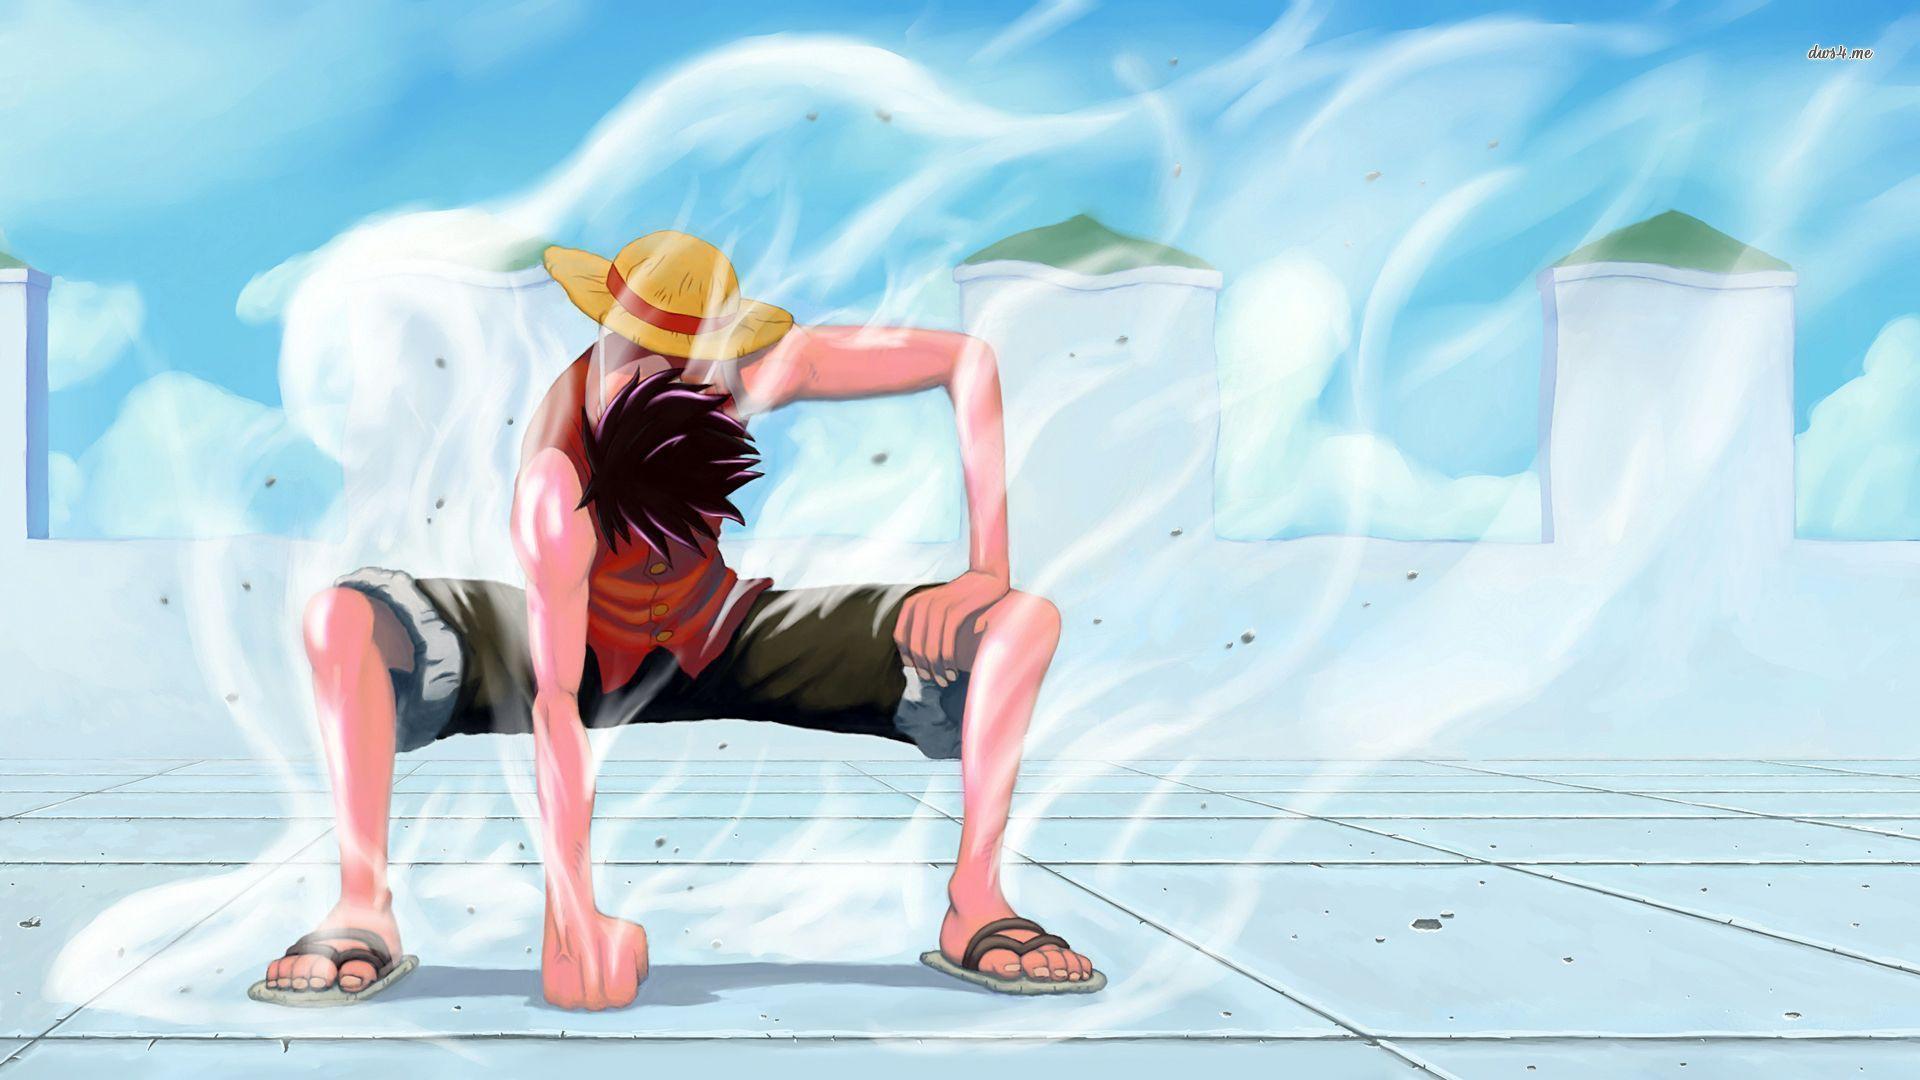 Hinh ảnh Luffy cực ngầu với khí thoát ra